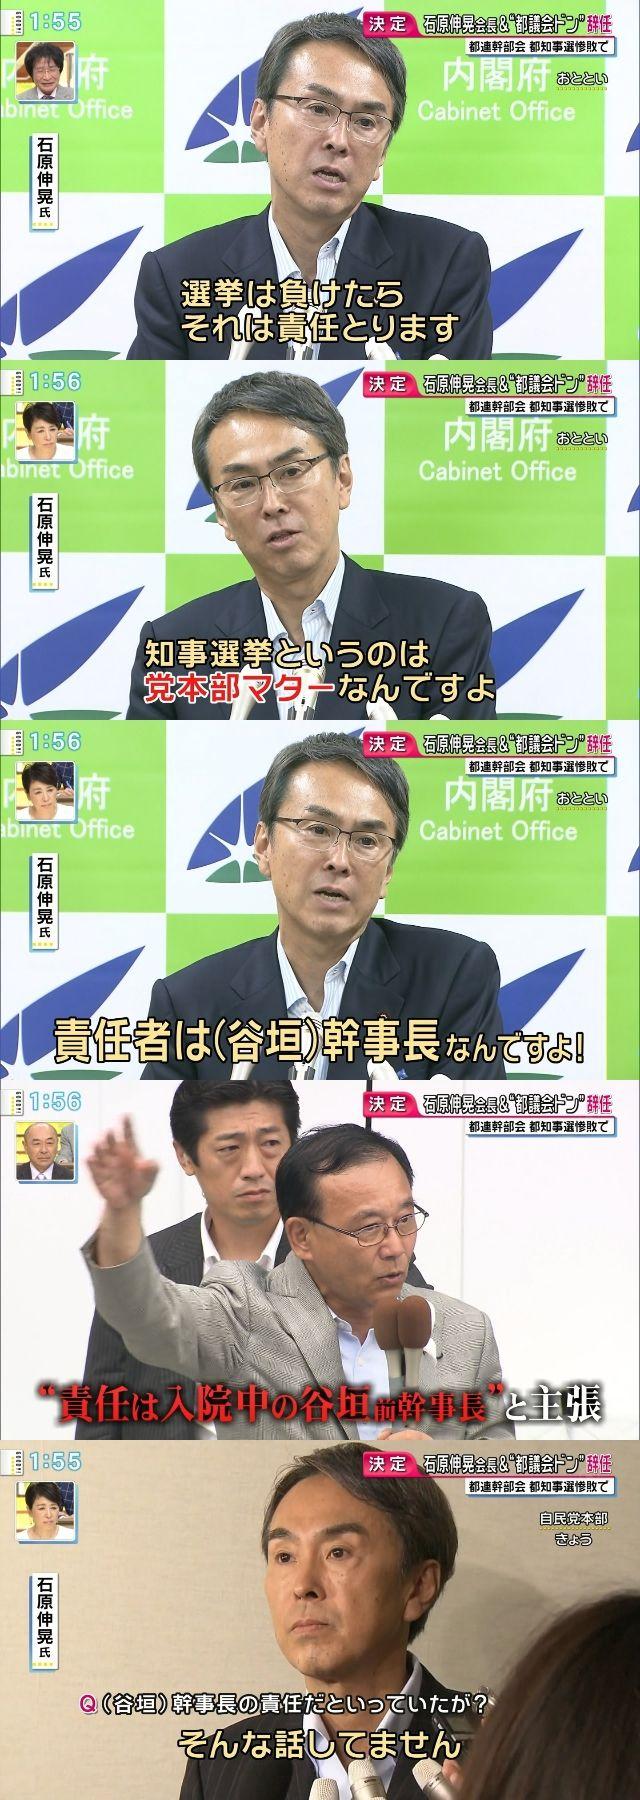 桜井誠に正面から反論できないパヨク新聞_d0044584_11493416.jpg